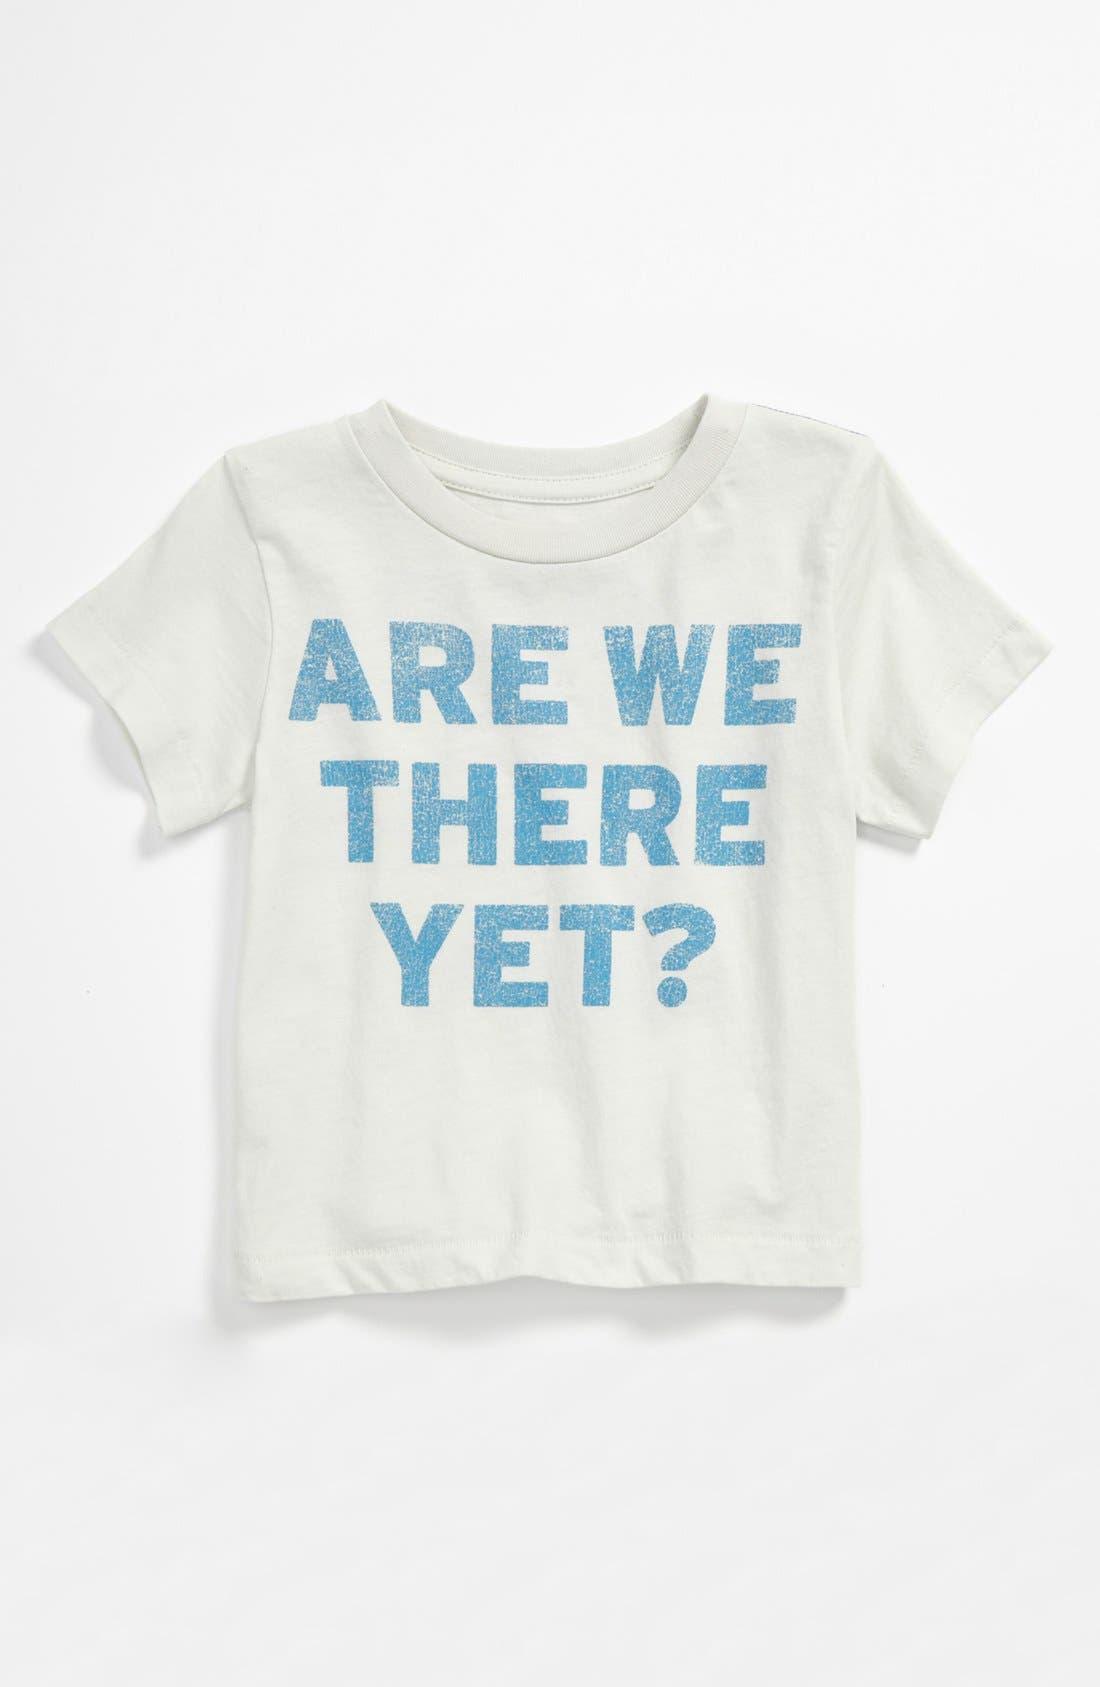 Alternate Image 1 Selected - Peek 'Road Trip' T-Shirt (Baby)